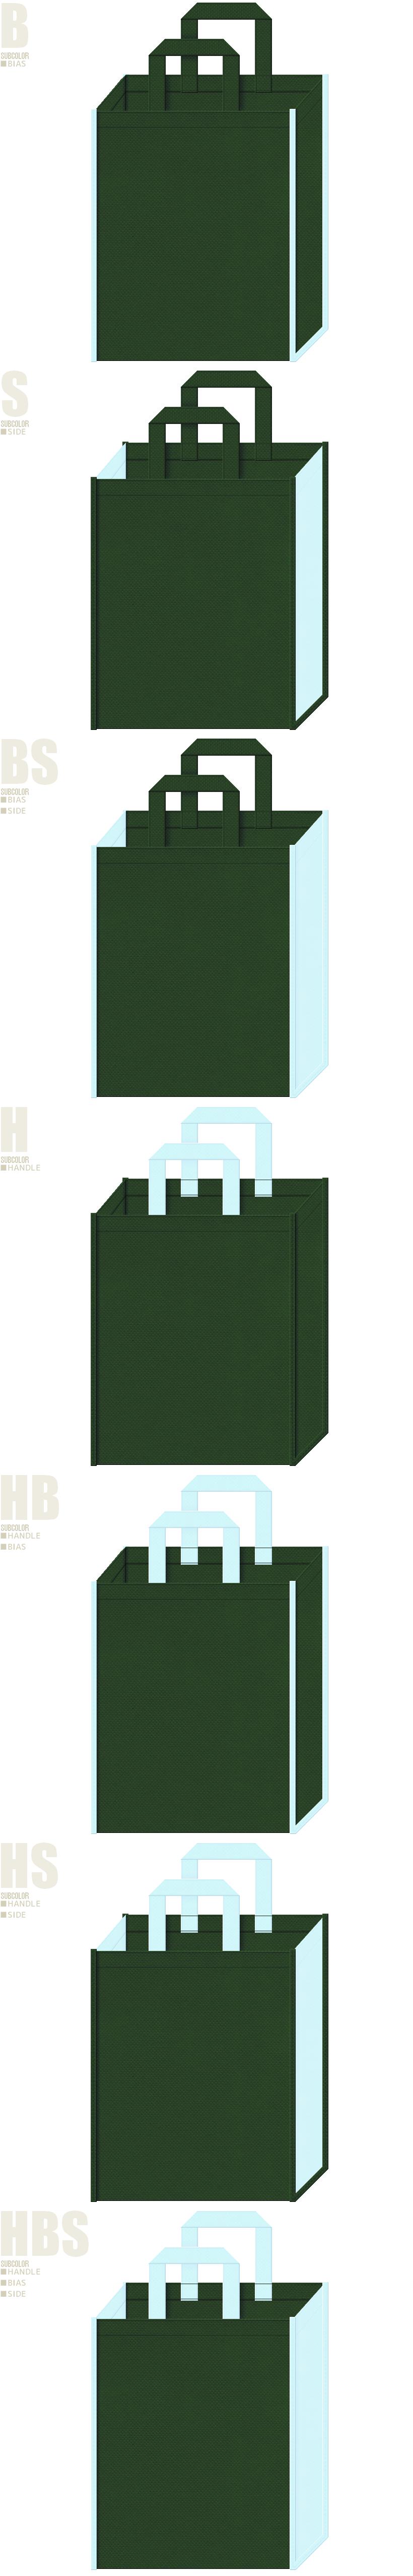 濃緑色と水色、7パターンの不織布トートバッグ配色デザイン例。歯科セミナーの資料配布用バッグ